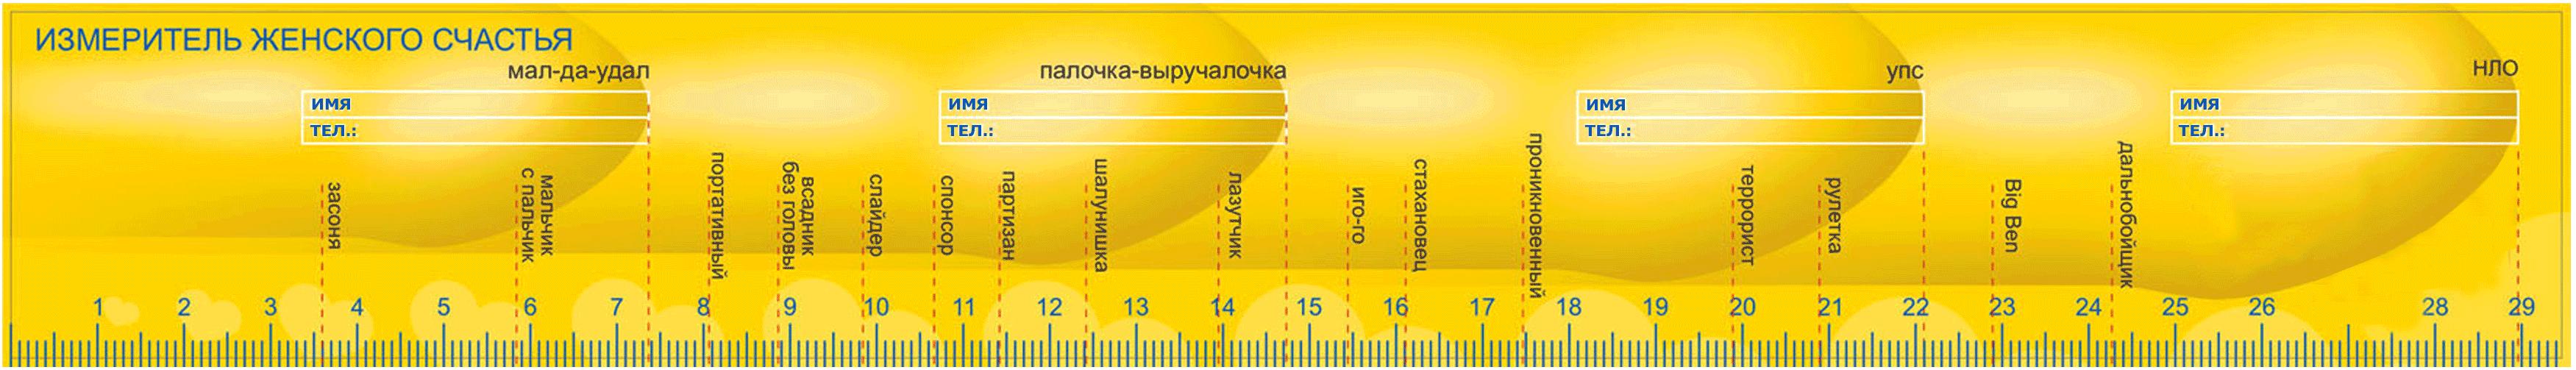 kakoy-razmer-chlena-schitaetsya-normoy